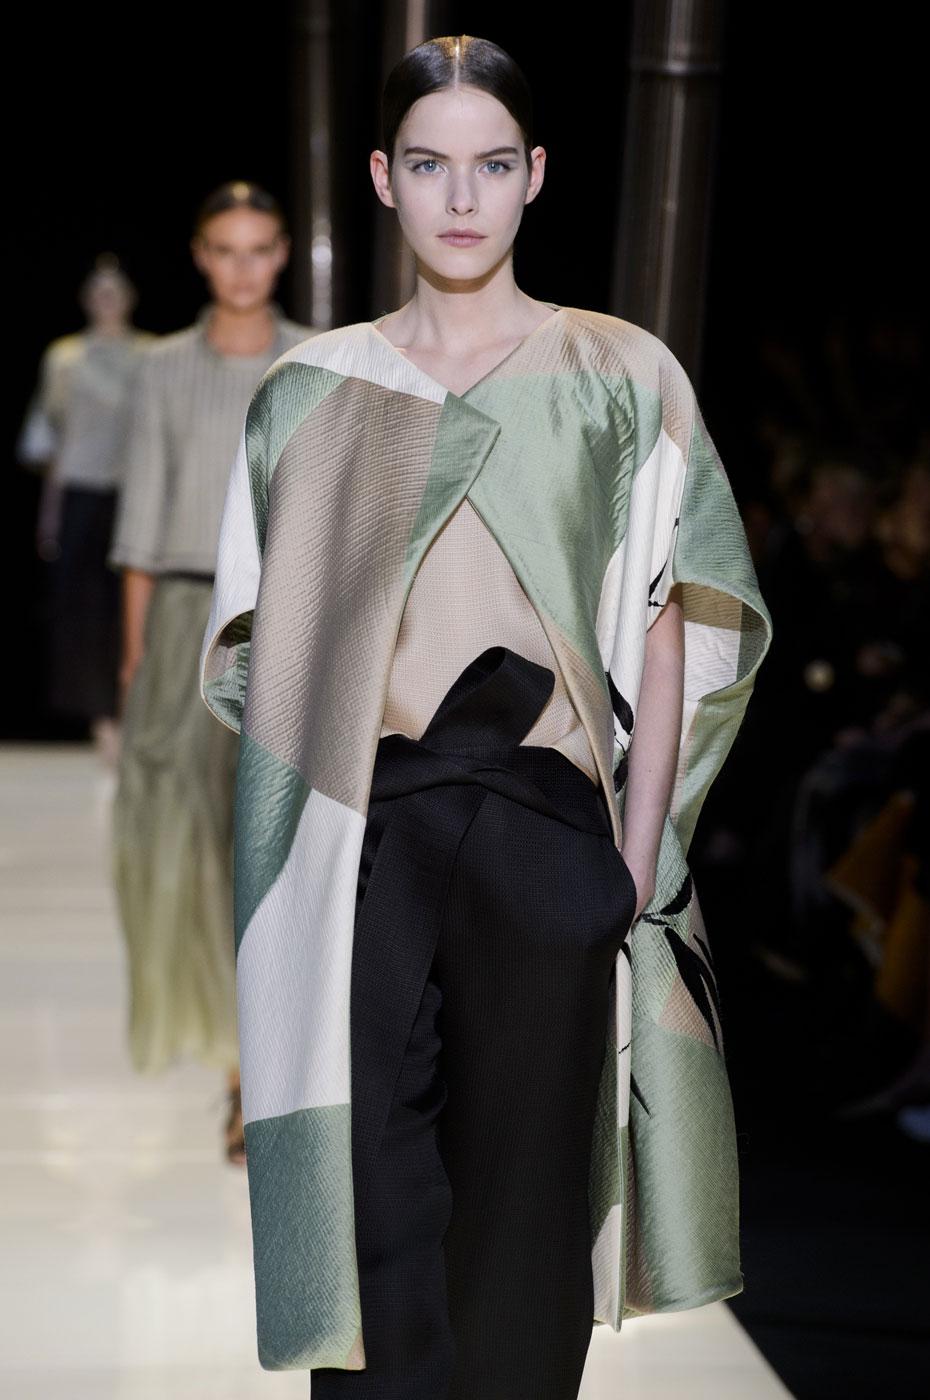 Giorgio-armani-Prive-fashion-runway-show-haute-couture-paris-spring-2015-the-impression-030